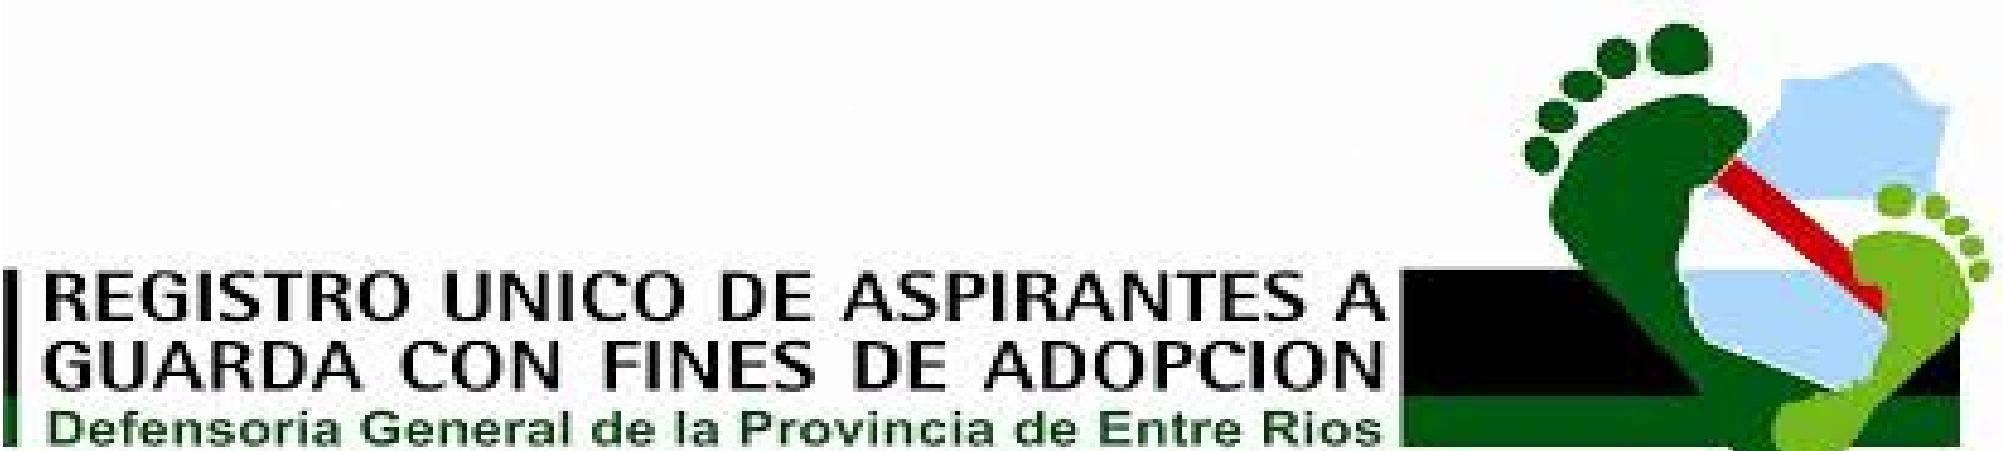 Se abre una nueva inscripción para registro de adoptantes